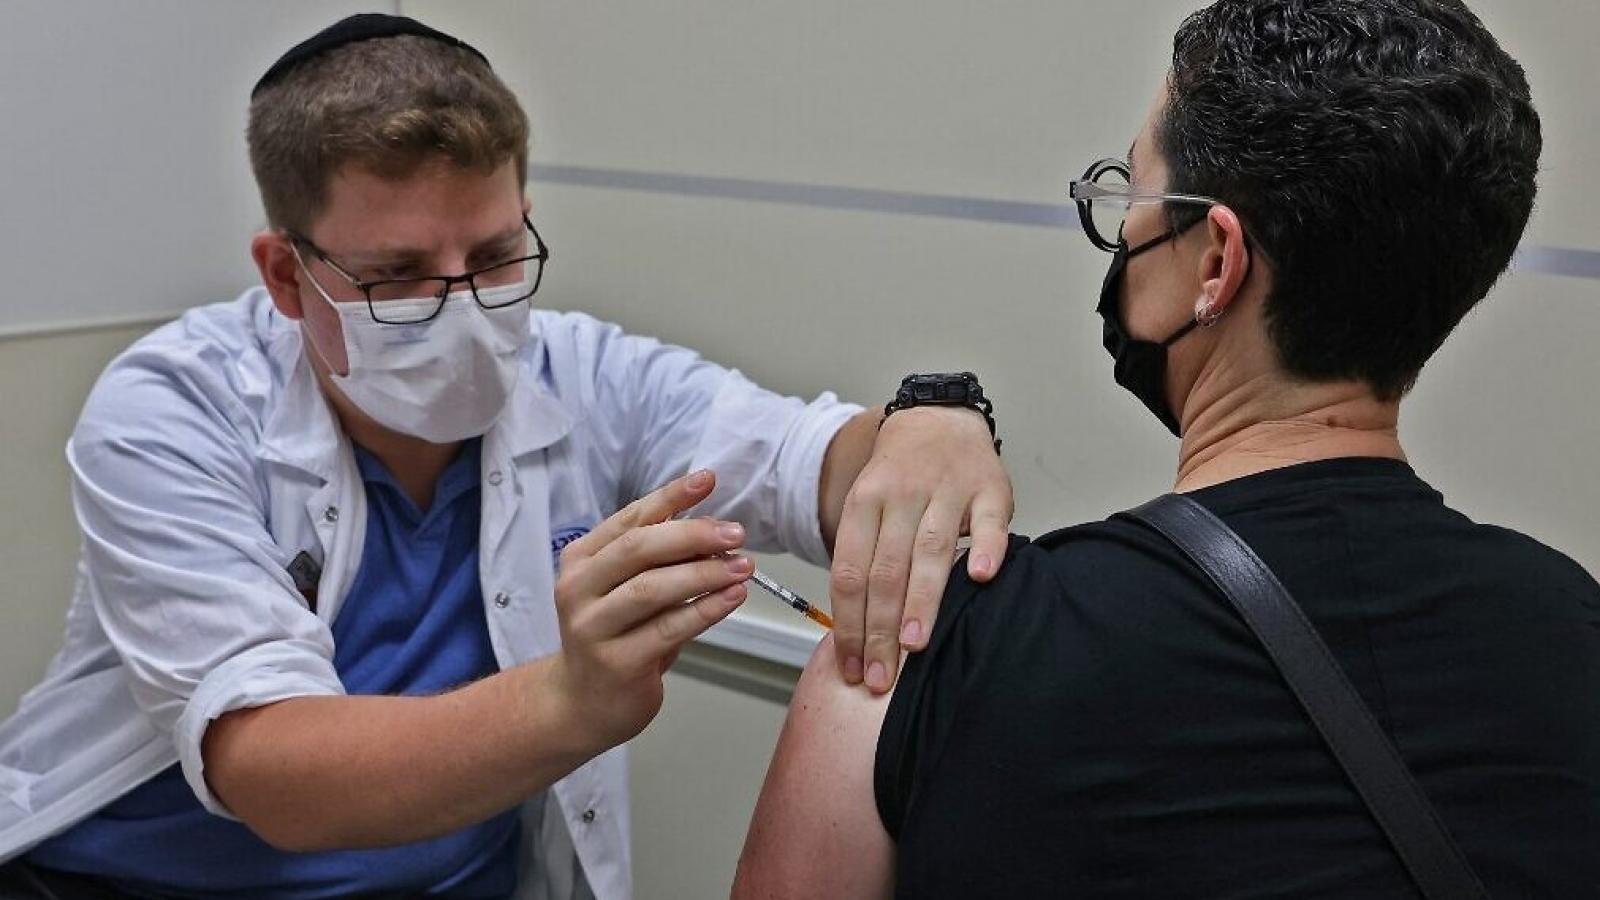 Israel bắt đầu chiến dịch tiêm mũi nhắc lại vaccine Covid-19 cho tất cả người dân